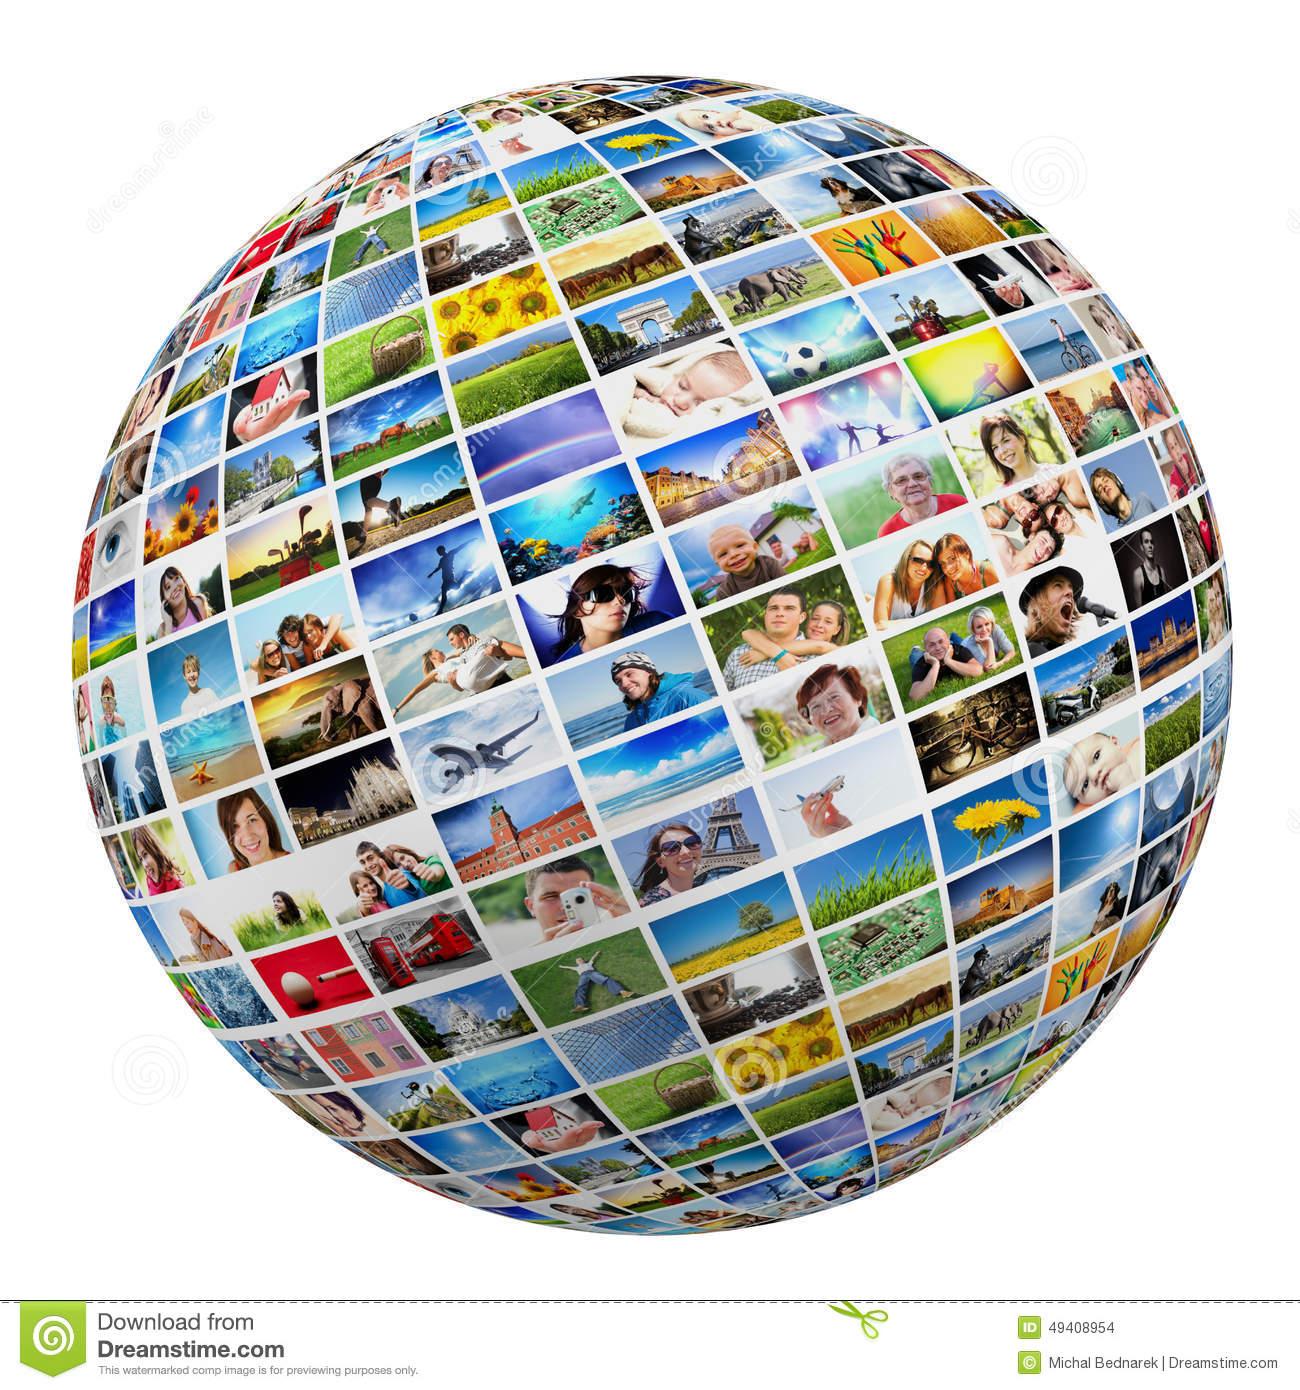 Digital media company for sale R240 000 Passive income